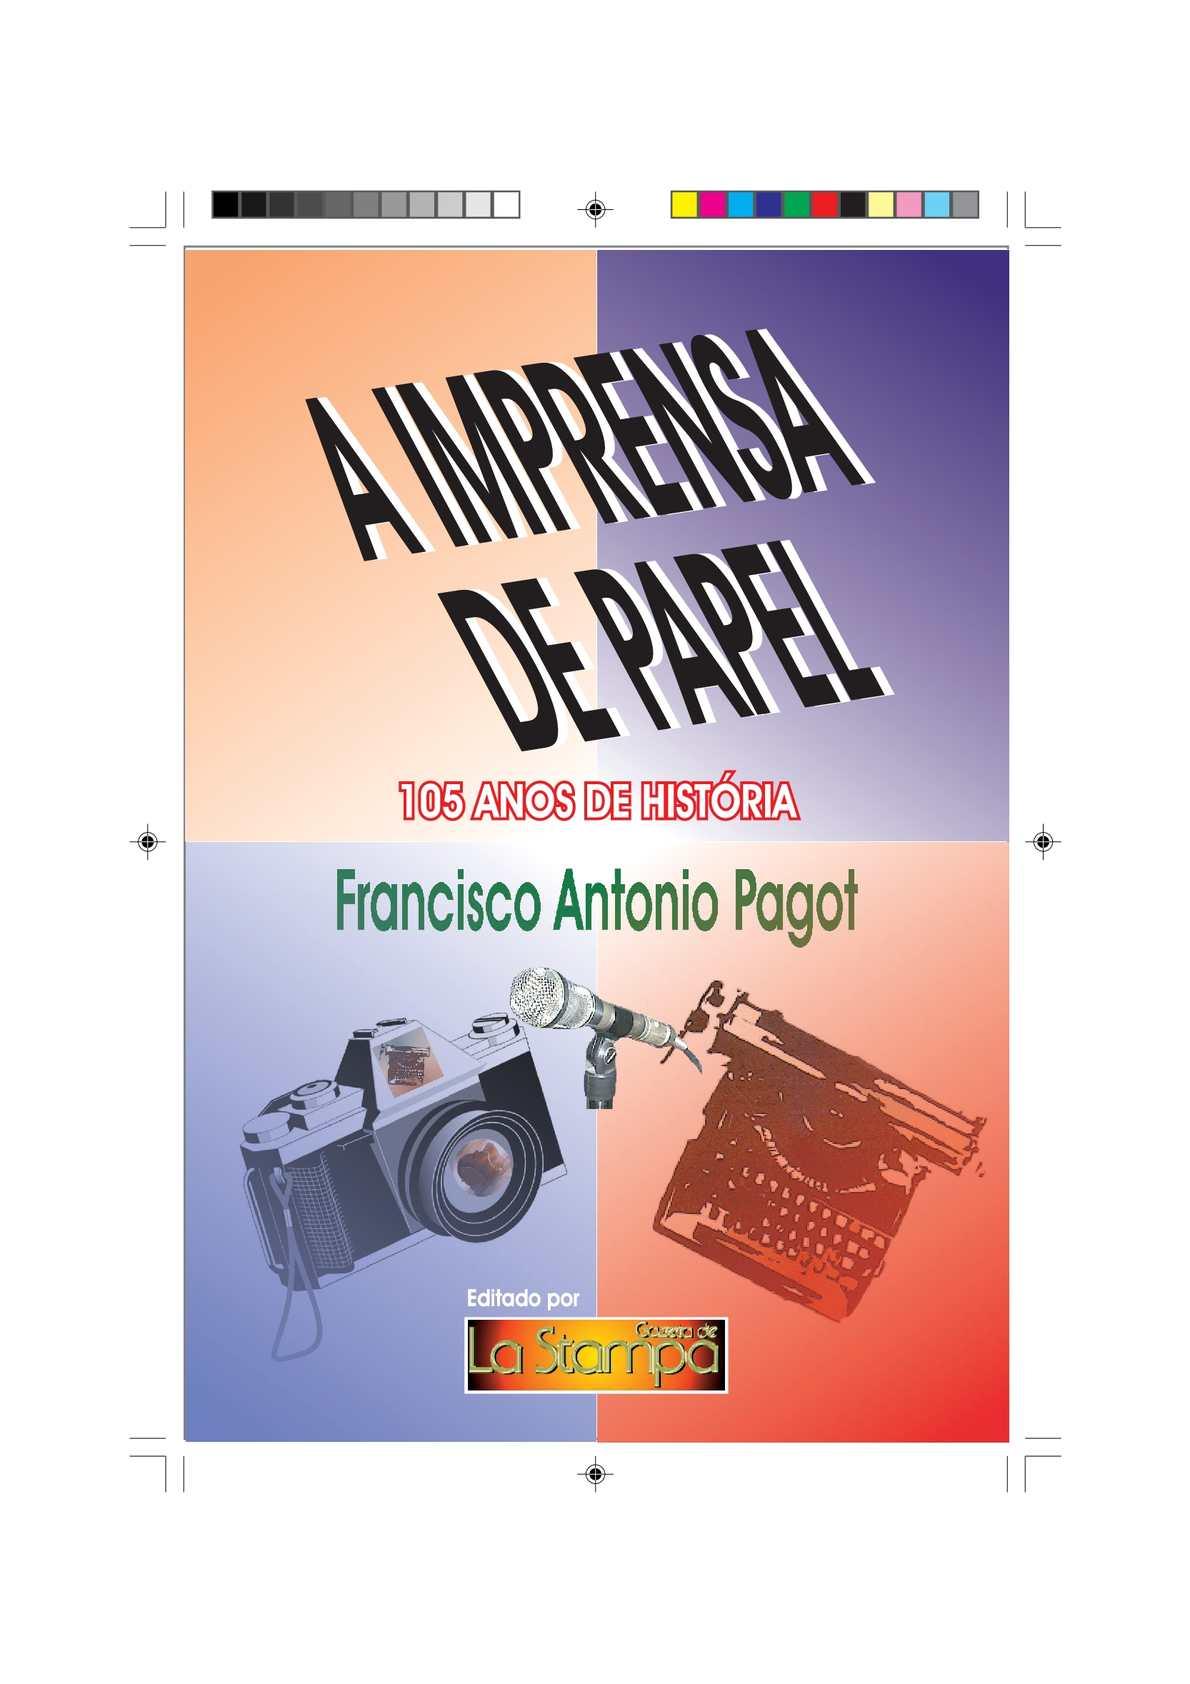 Calaméo - A Imprensa De Papel 13 04 2015 2b891c61af